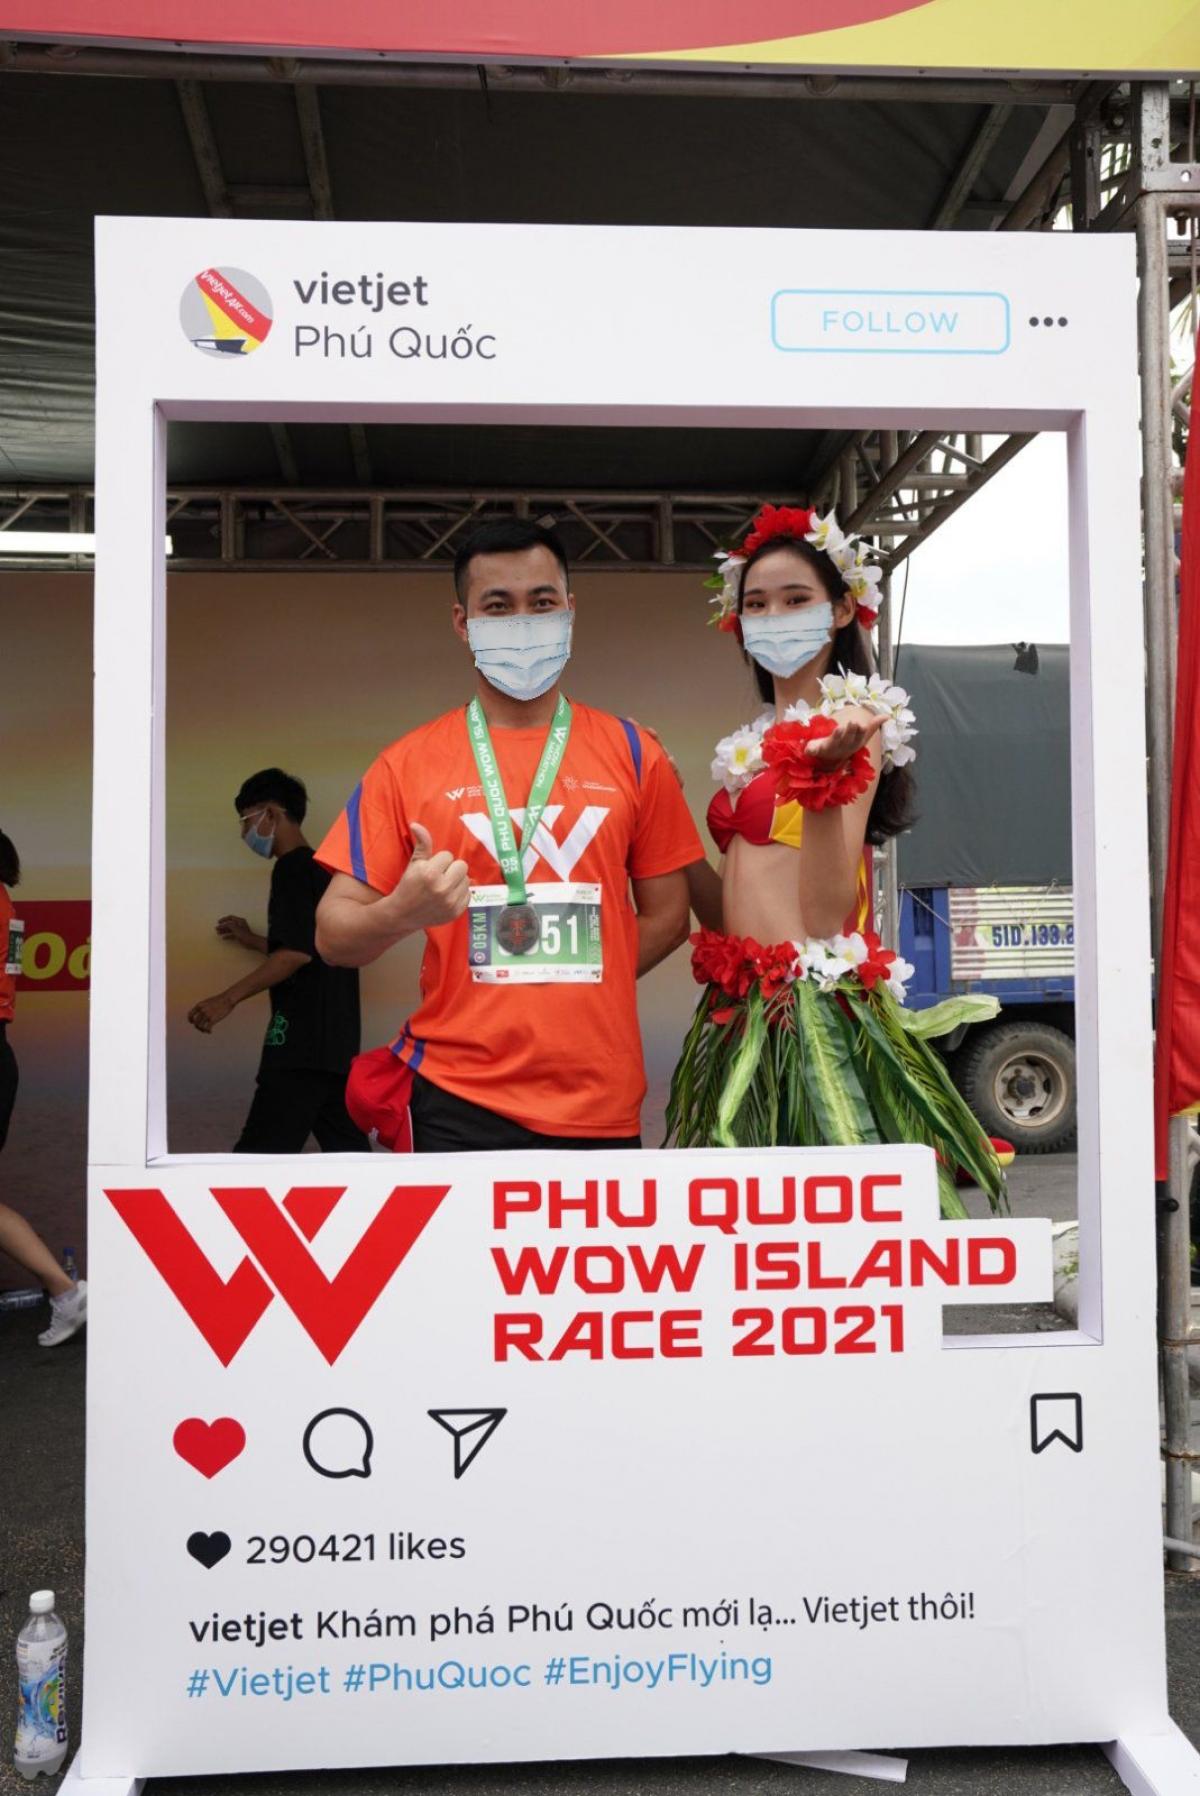 Vietjet cùng máy bay Amy dễ thương đã mở màn lễ khai mạc WOW Island Race 2021 với tiết mục nhảy sôi động, trẻ trung, khỏe mạnh, thể hiện rõ nét tinh thần và năng lượng tích cực. Đây là món quà cổ vũ mà Vietjet gửi tặng đến các vận động viên.